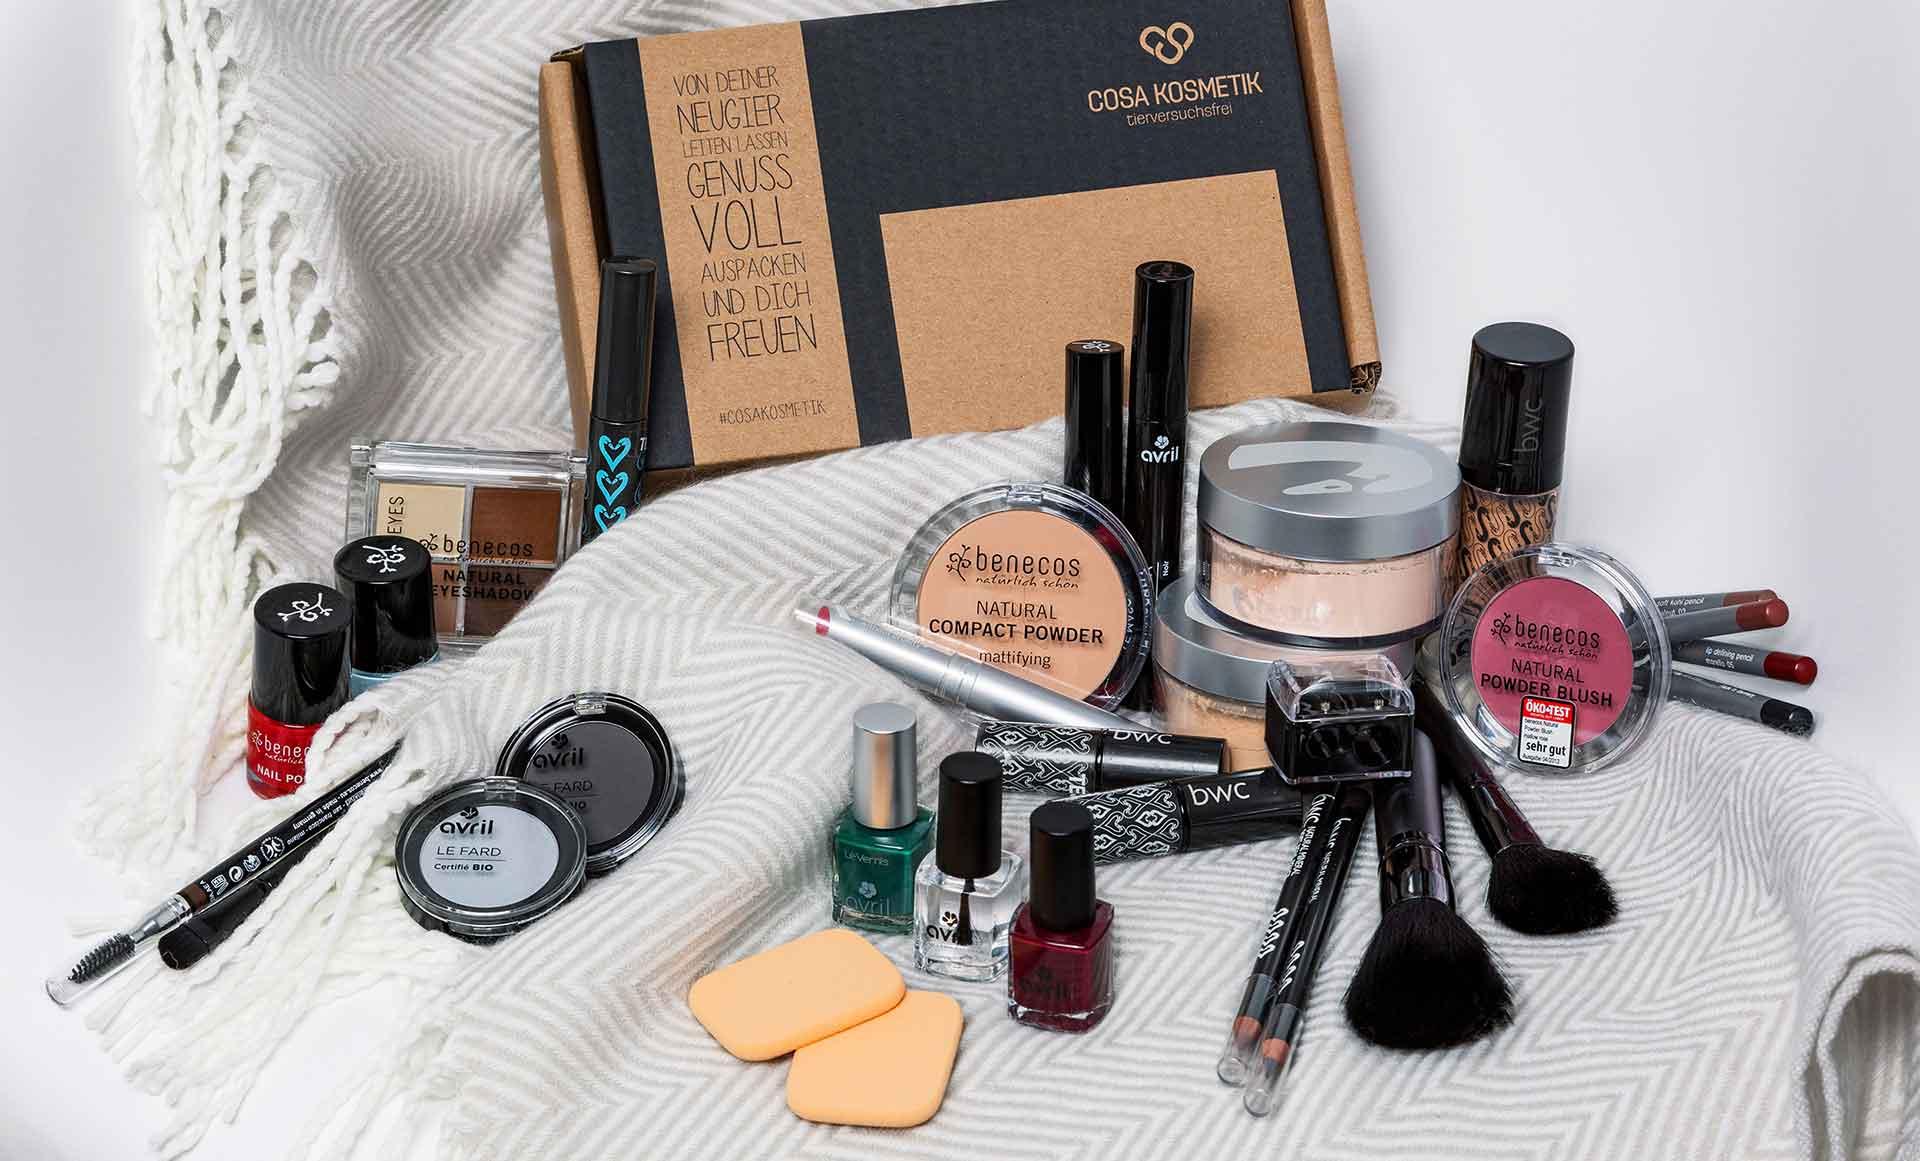 Dekorative Kosmetik und Make-Up ohne Tierversuche bei cosa Kosmetik online kaufen